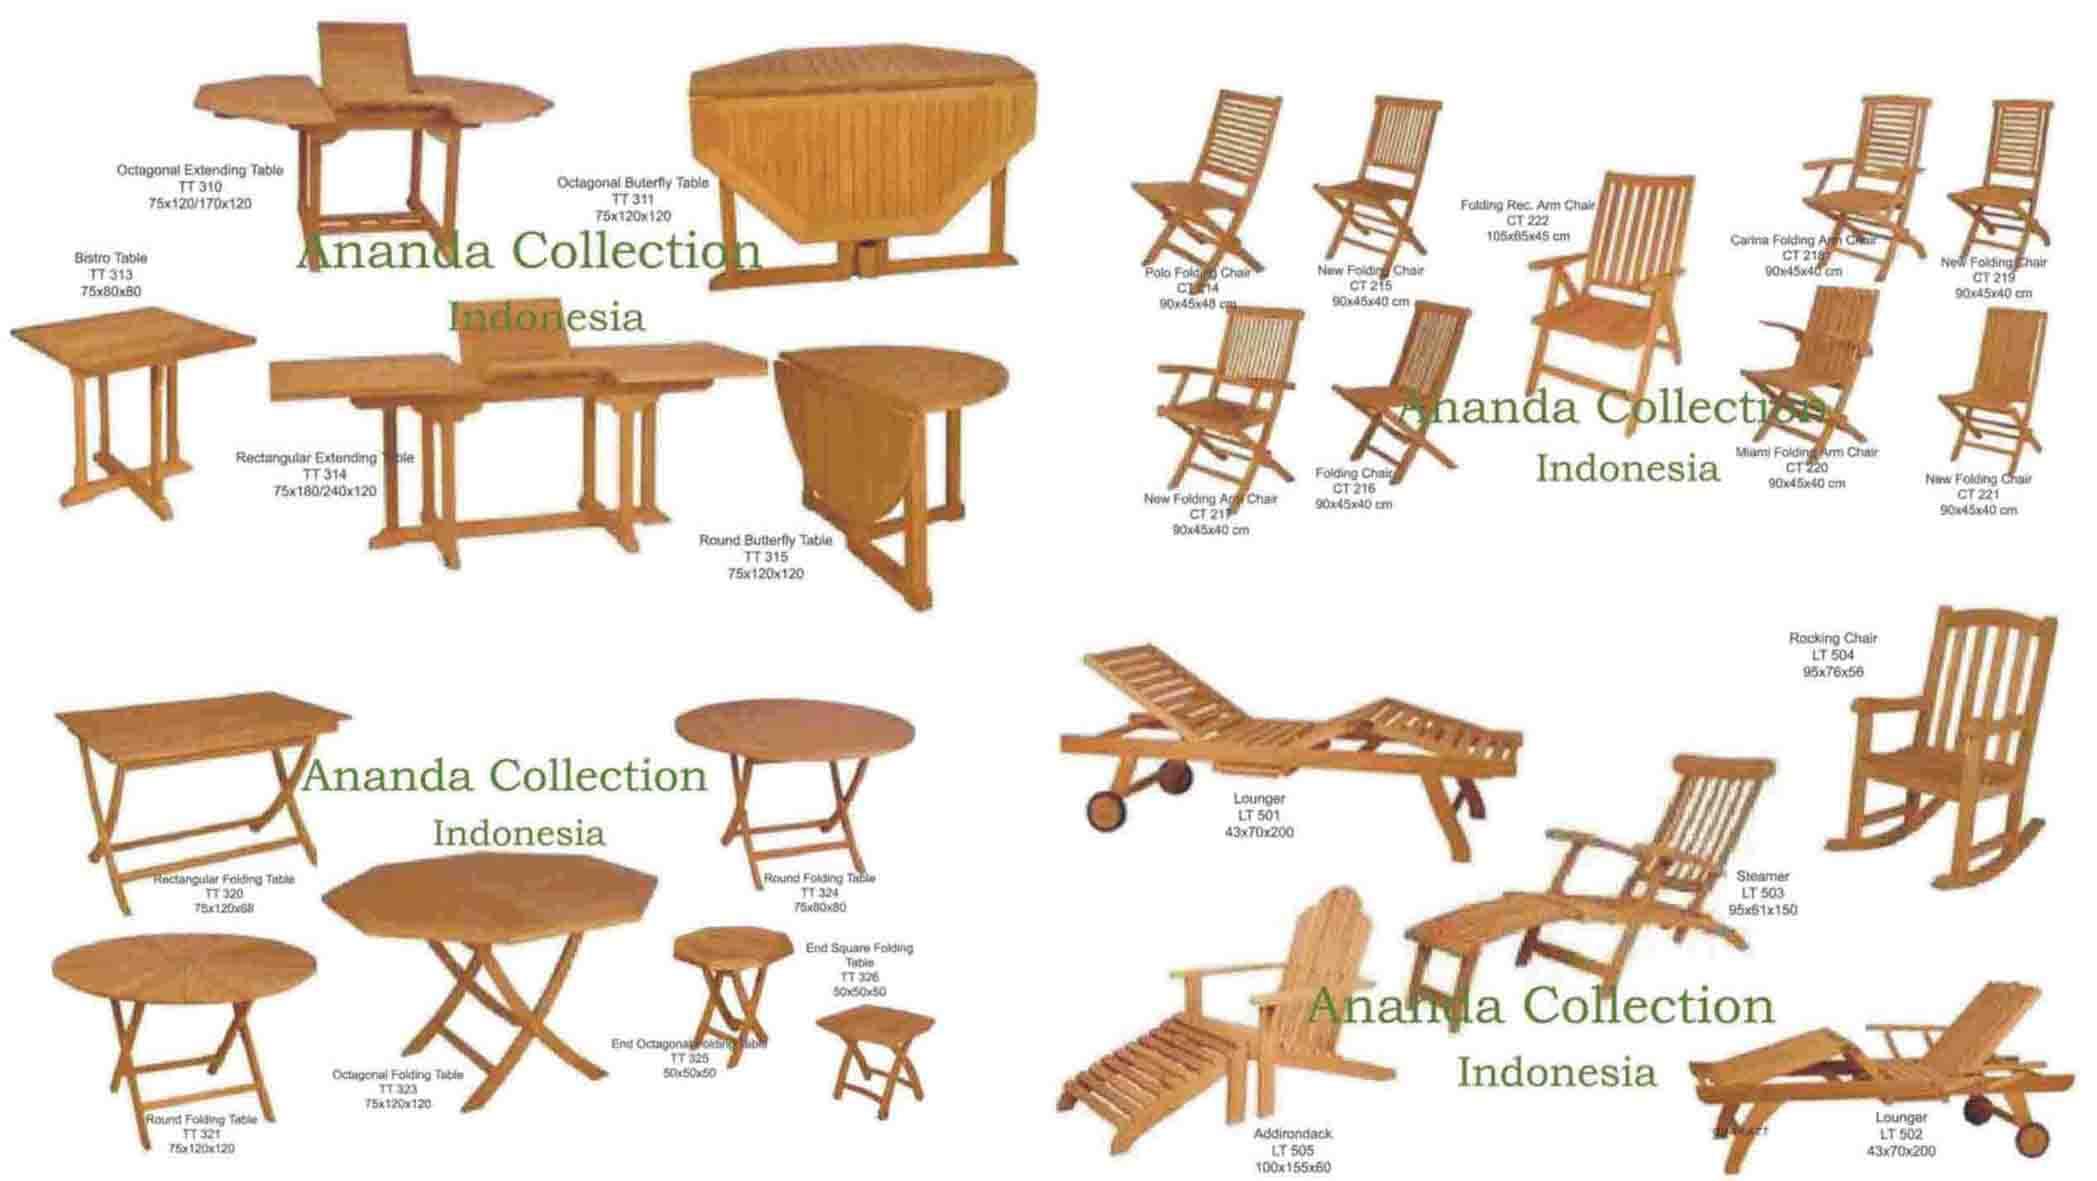 Bistro Table Extension (Бистро таблице Расширение)